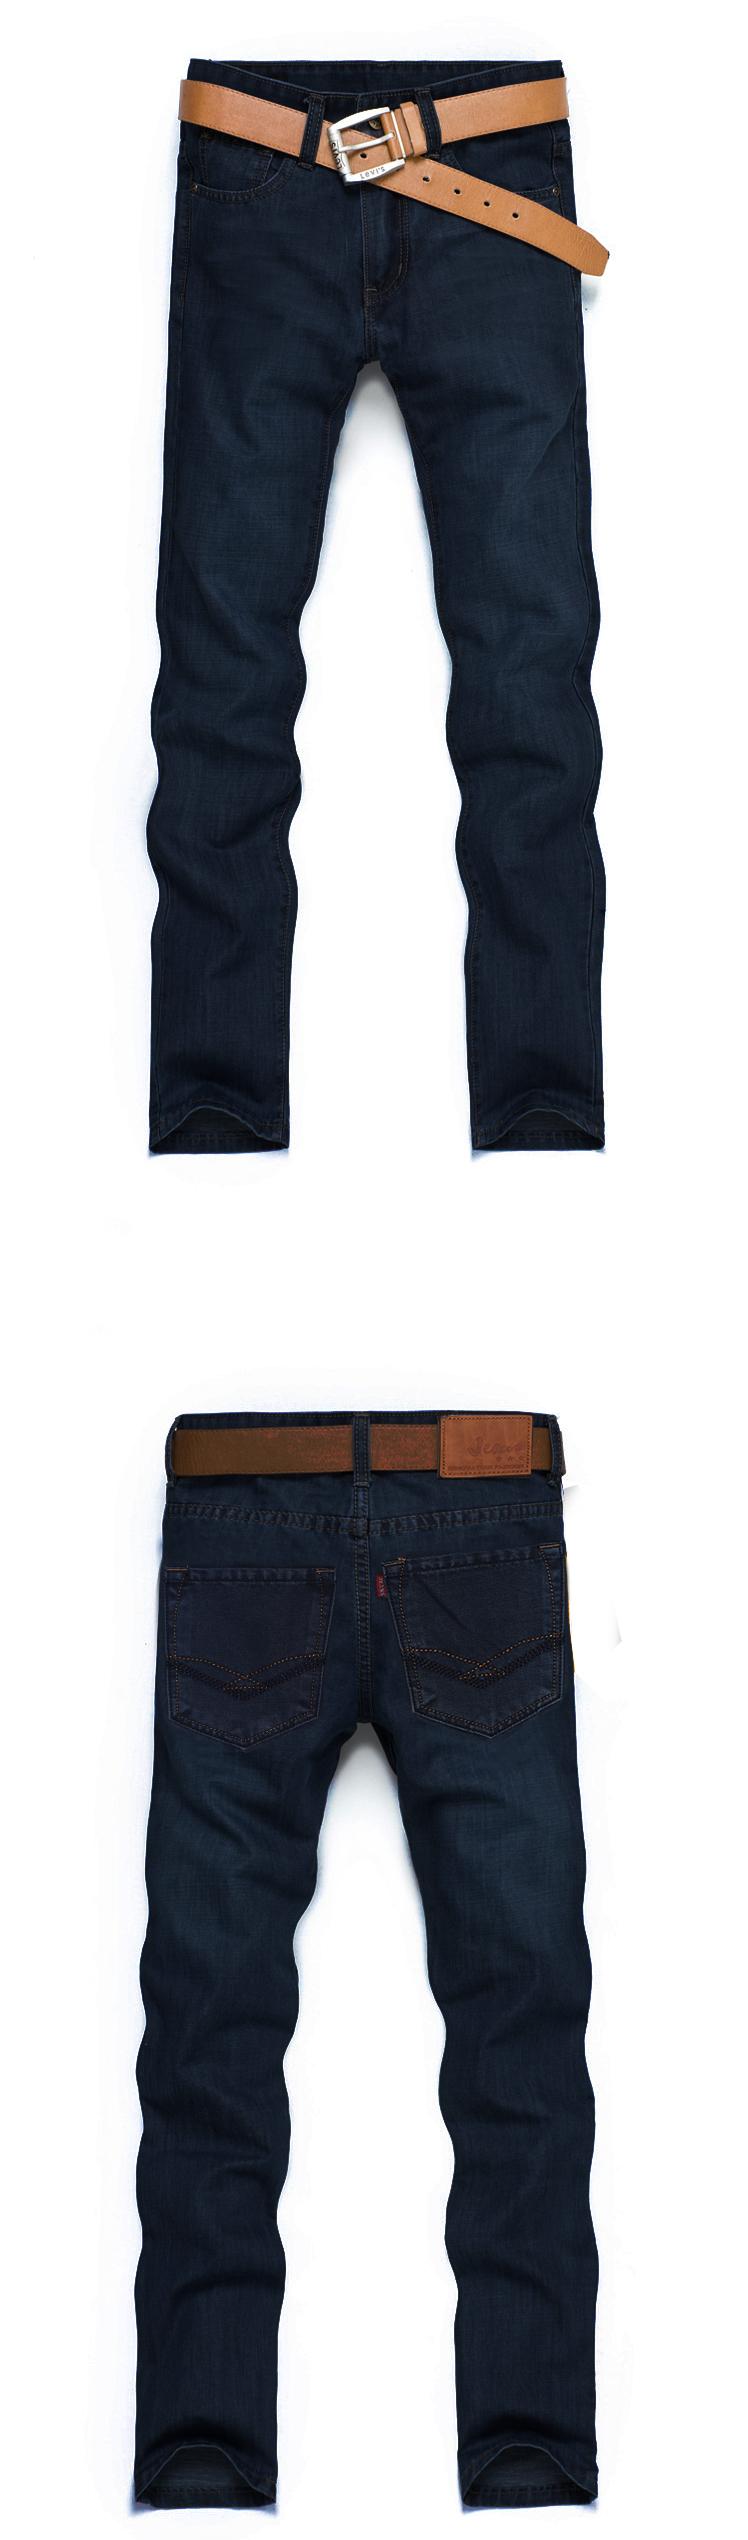 Quần jean ống đứng xanh đen qj1123 - 1